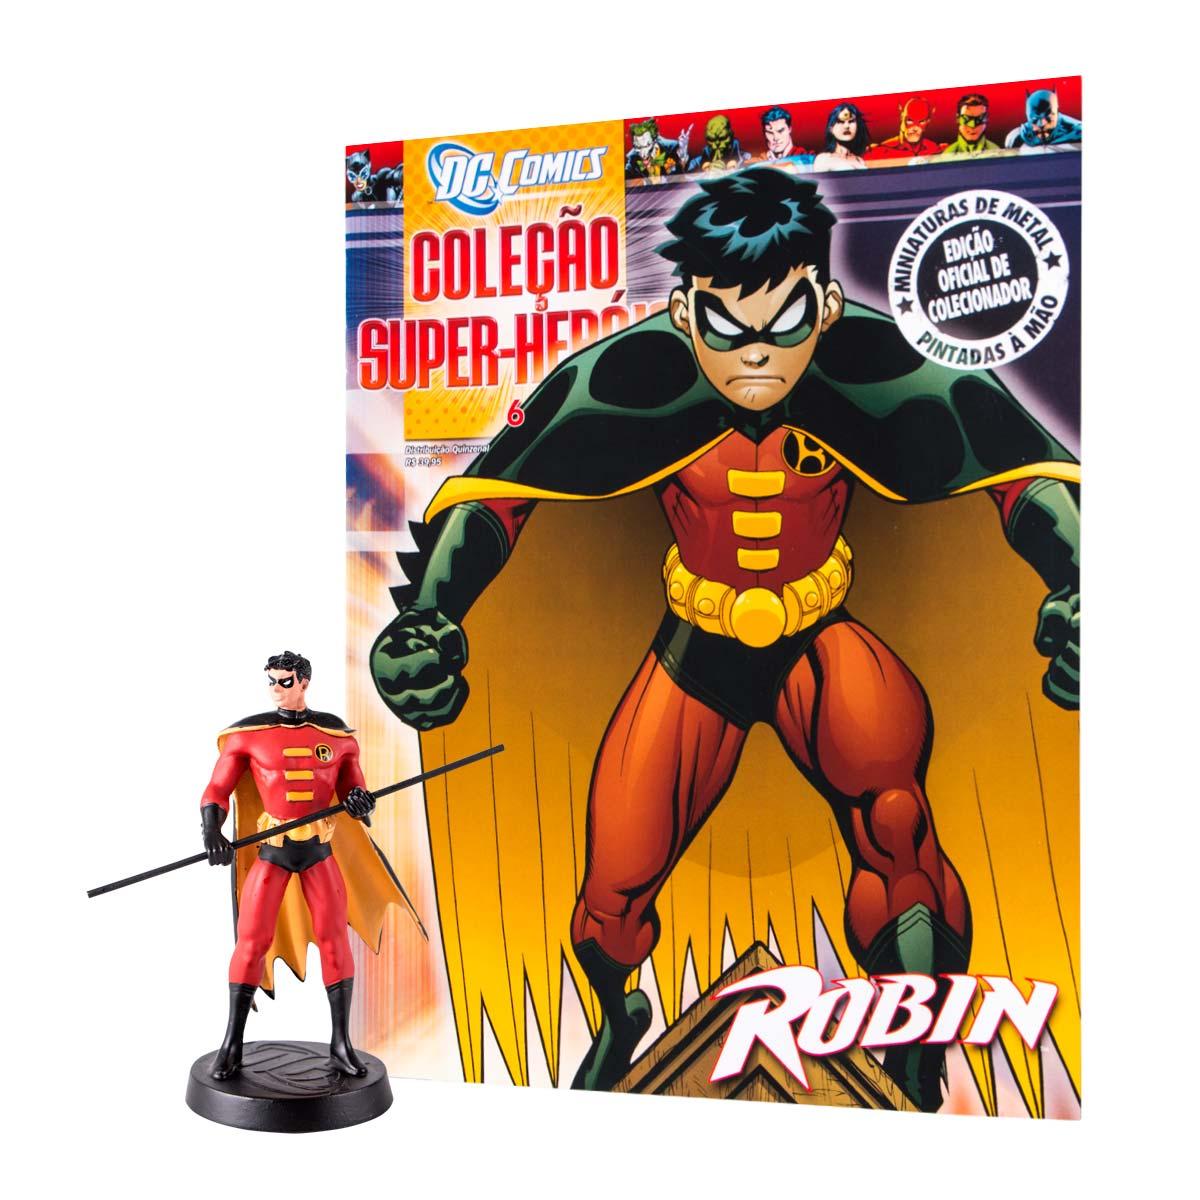 Boneco Miniatura Robin + Revista